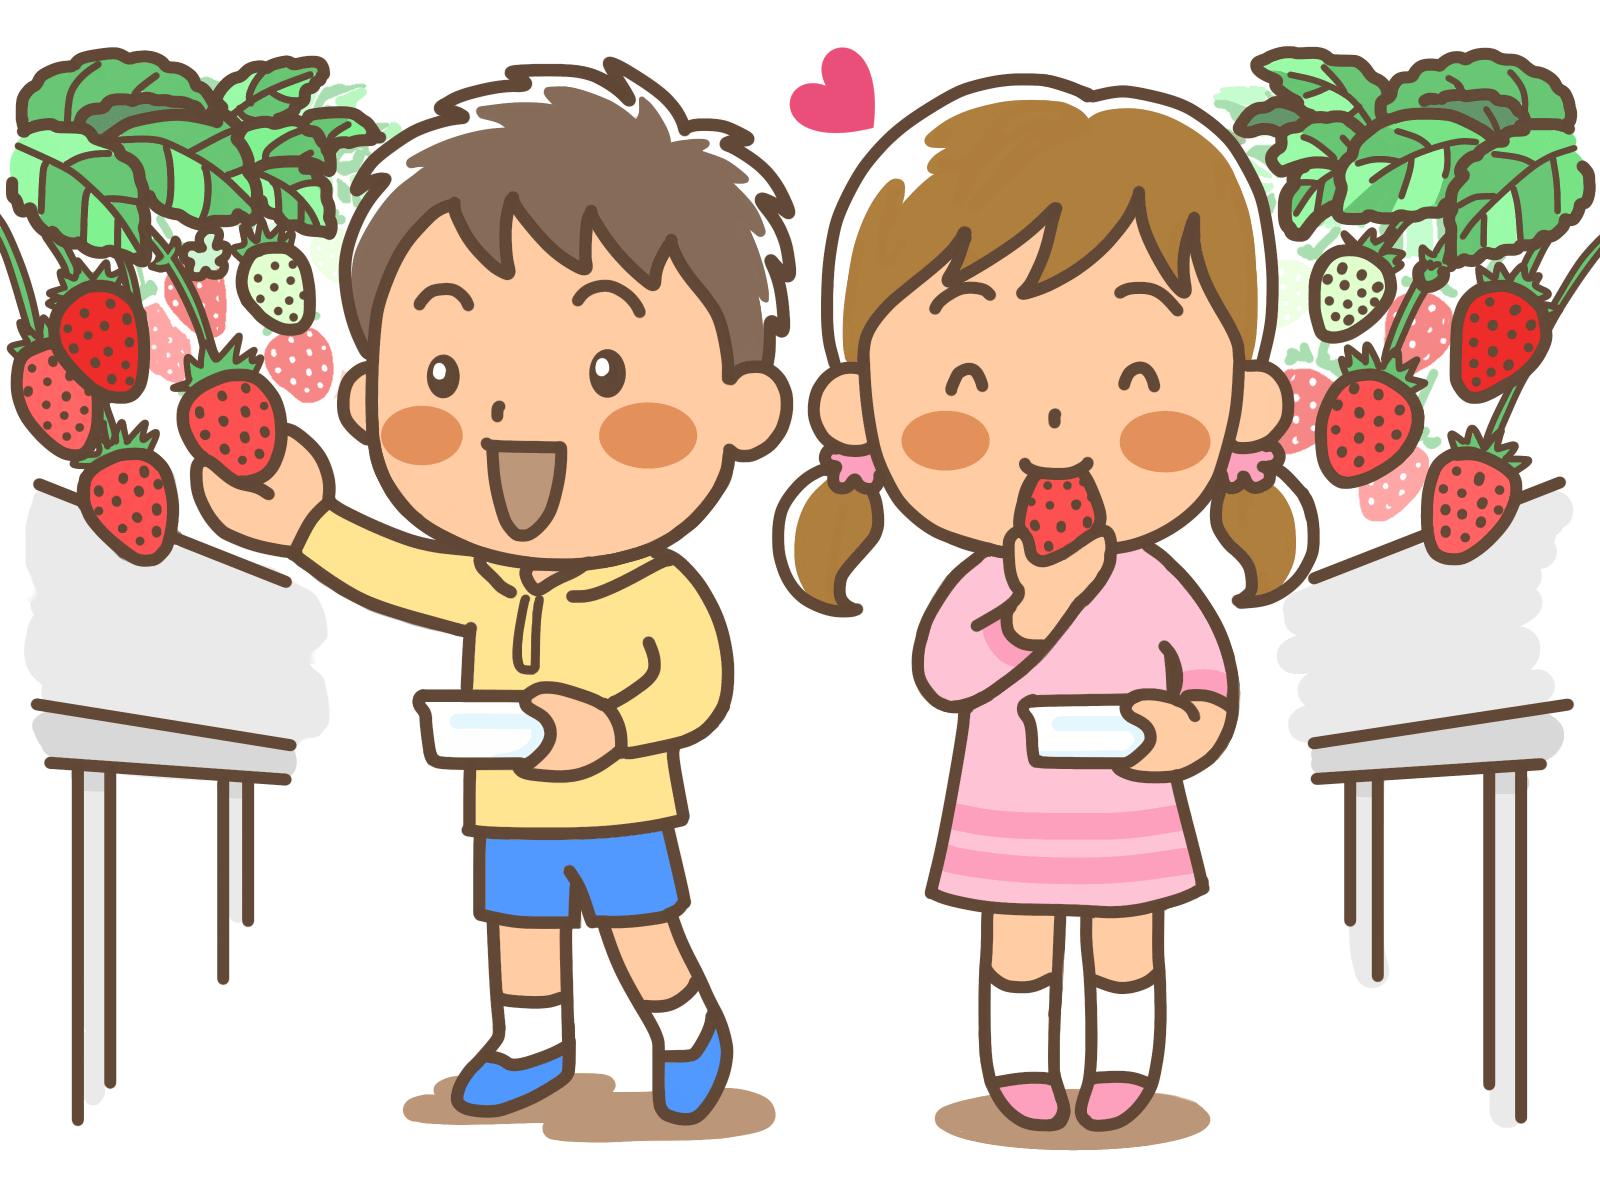 無料苺いちごのかわいいイラスト かわいい無料イラストイラスト